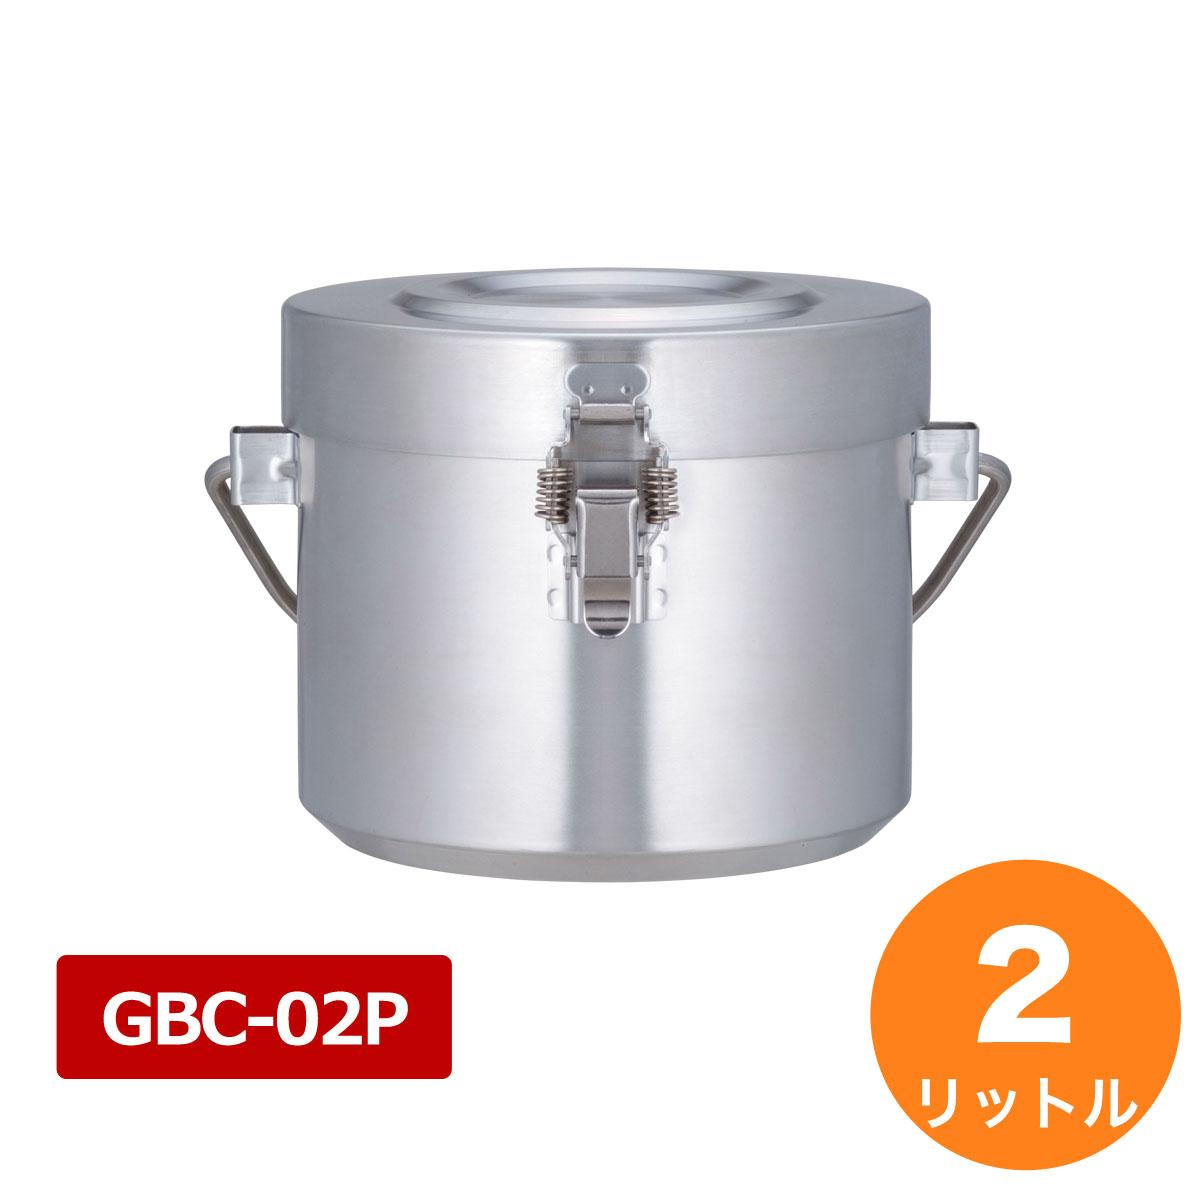 送料無料 サーモス 高性能保温食缶 シャトルドラム パッキン付 GBC-02P